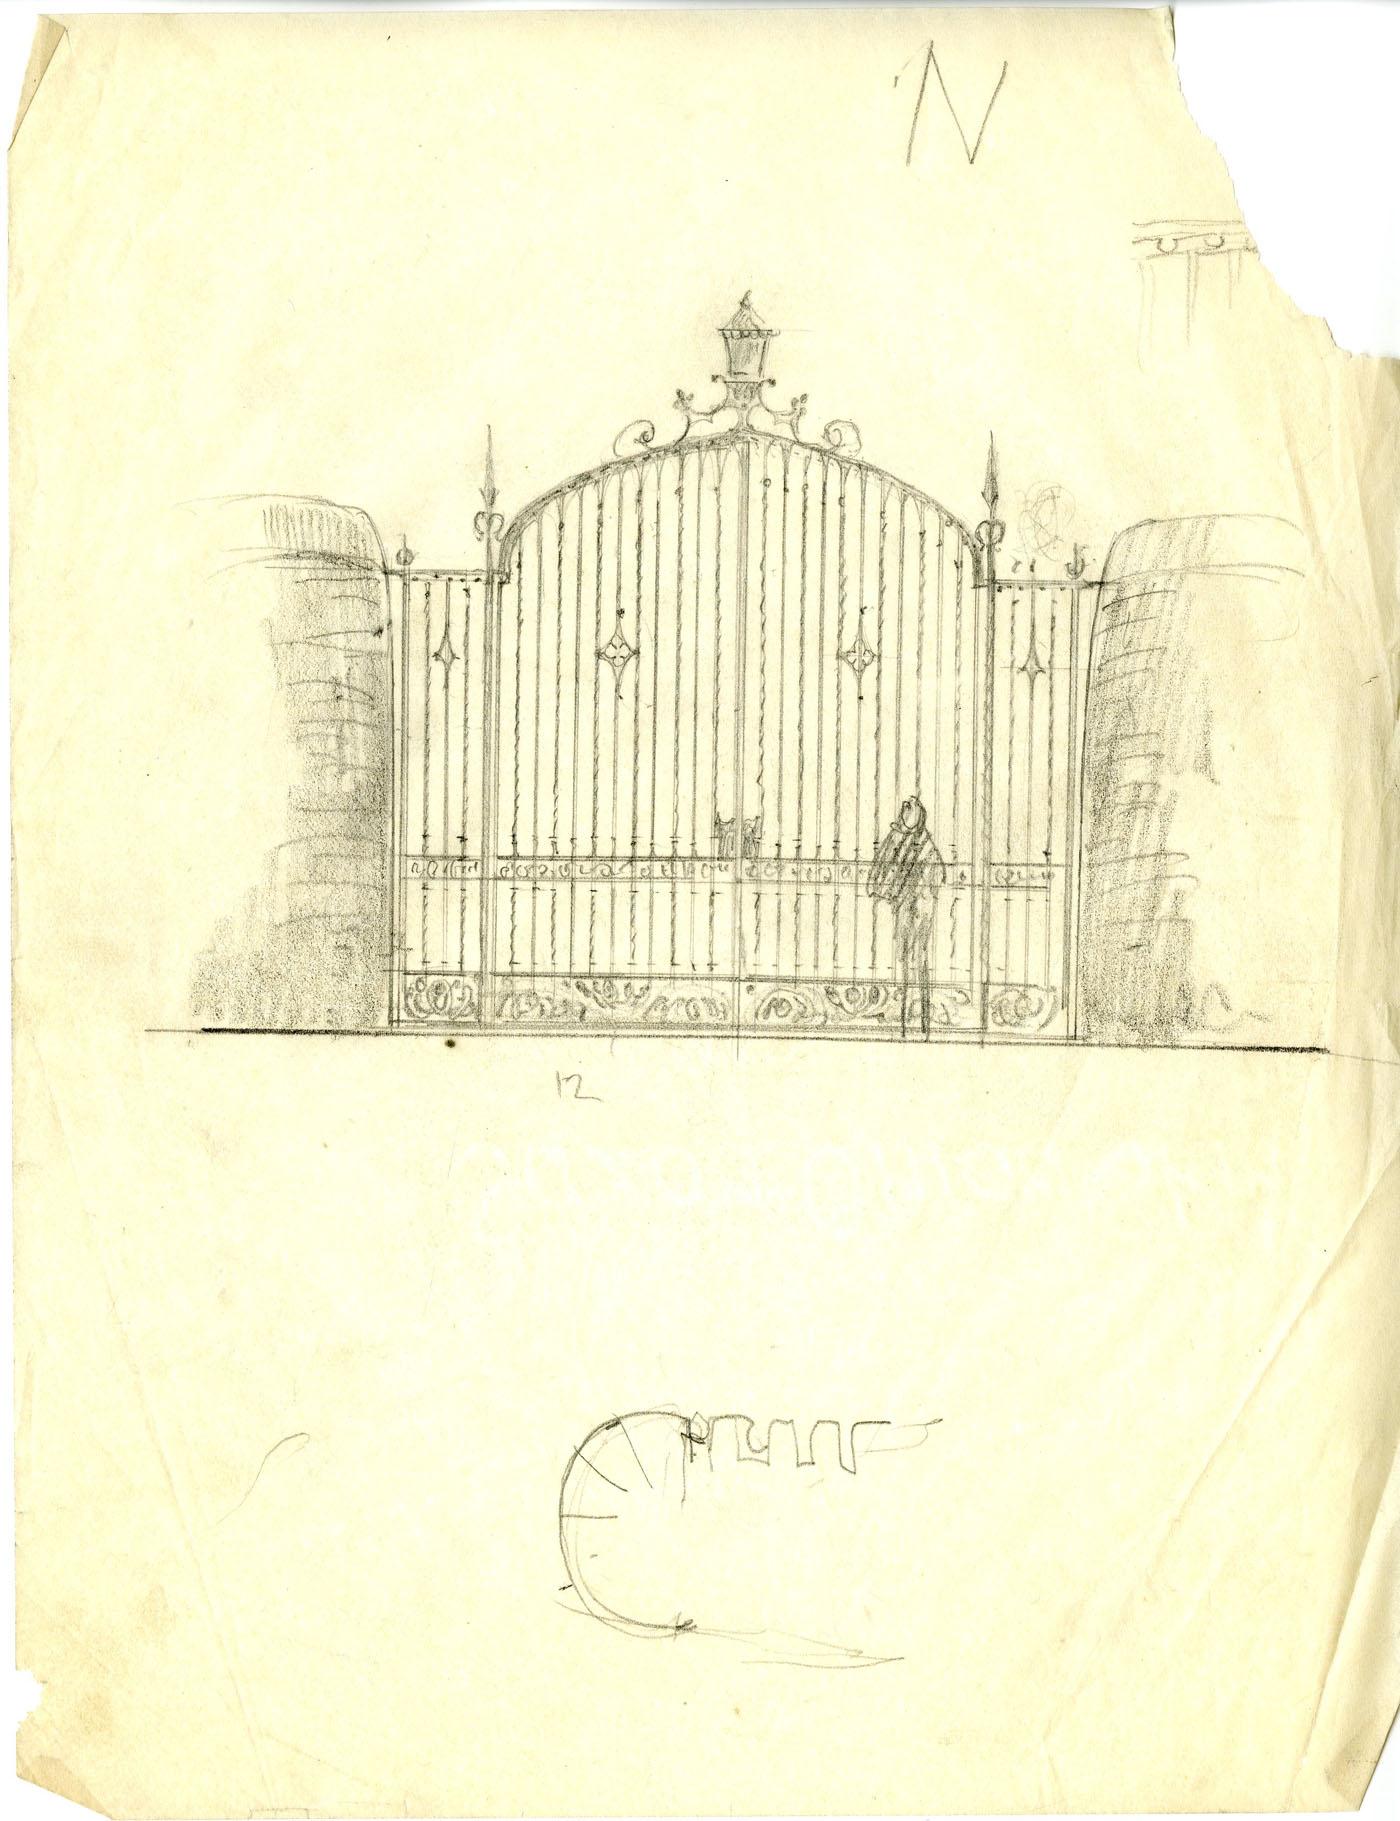 Round Hill Gate